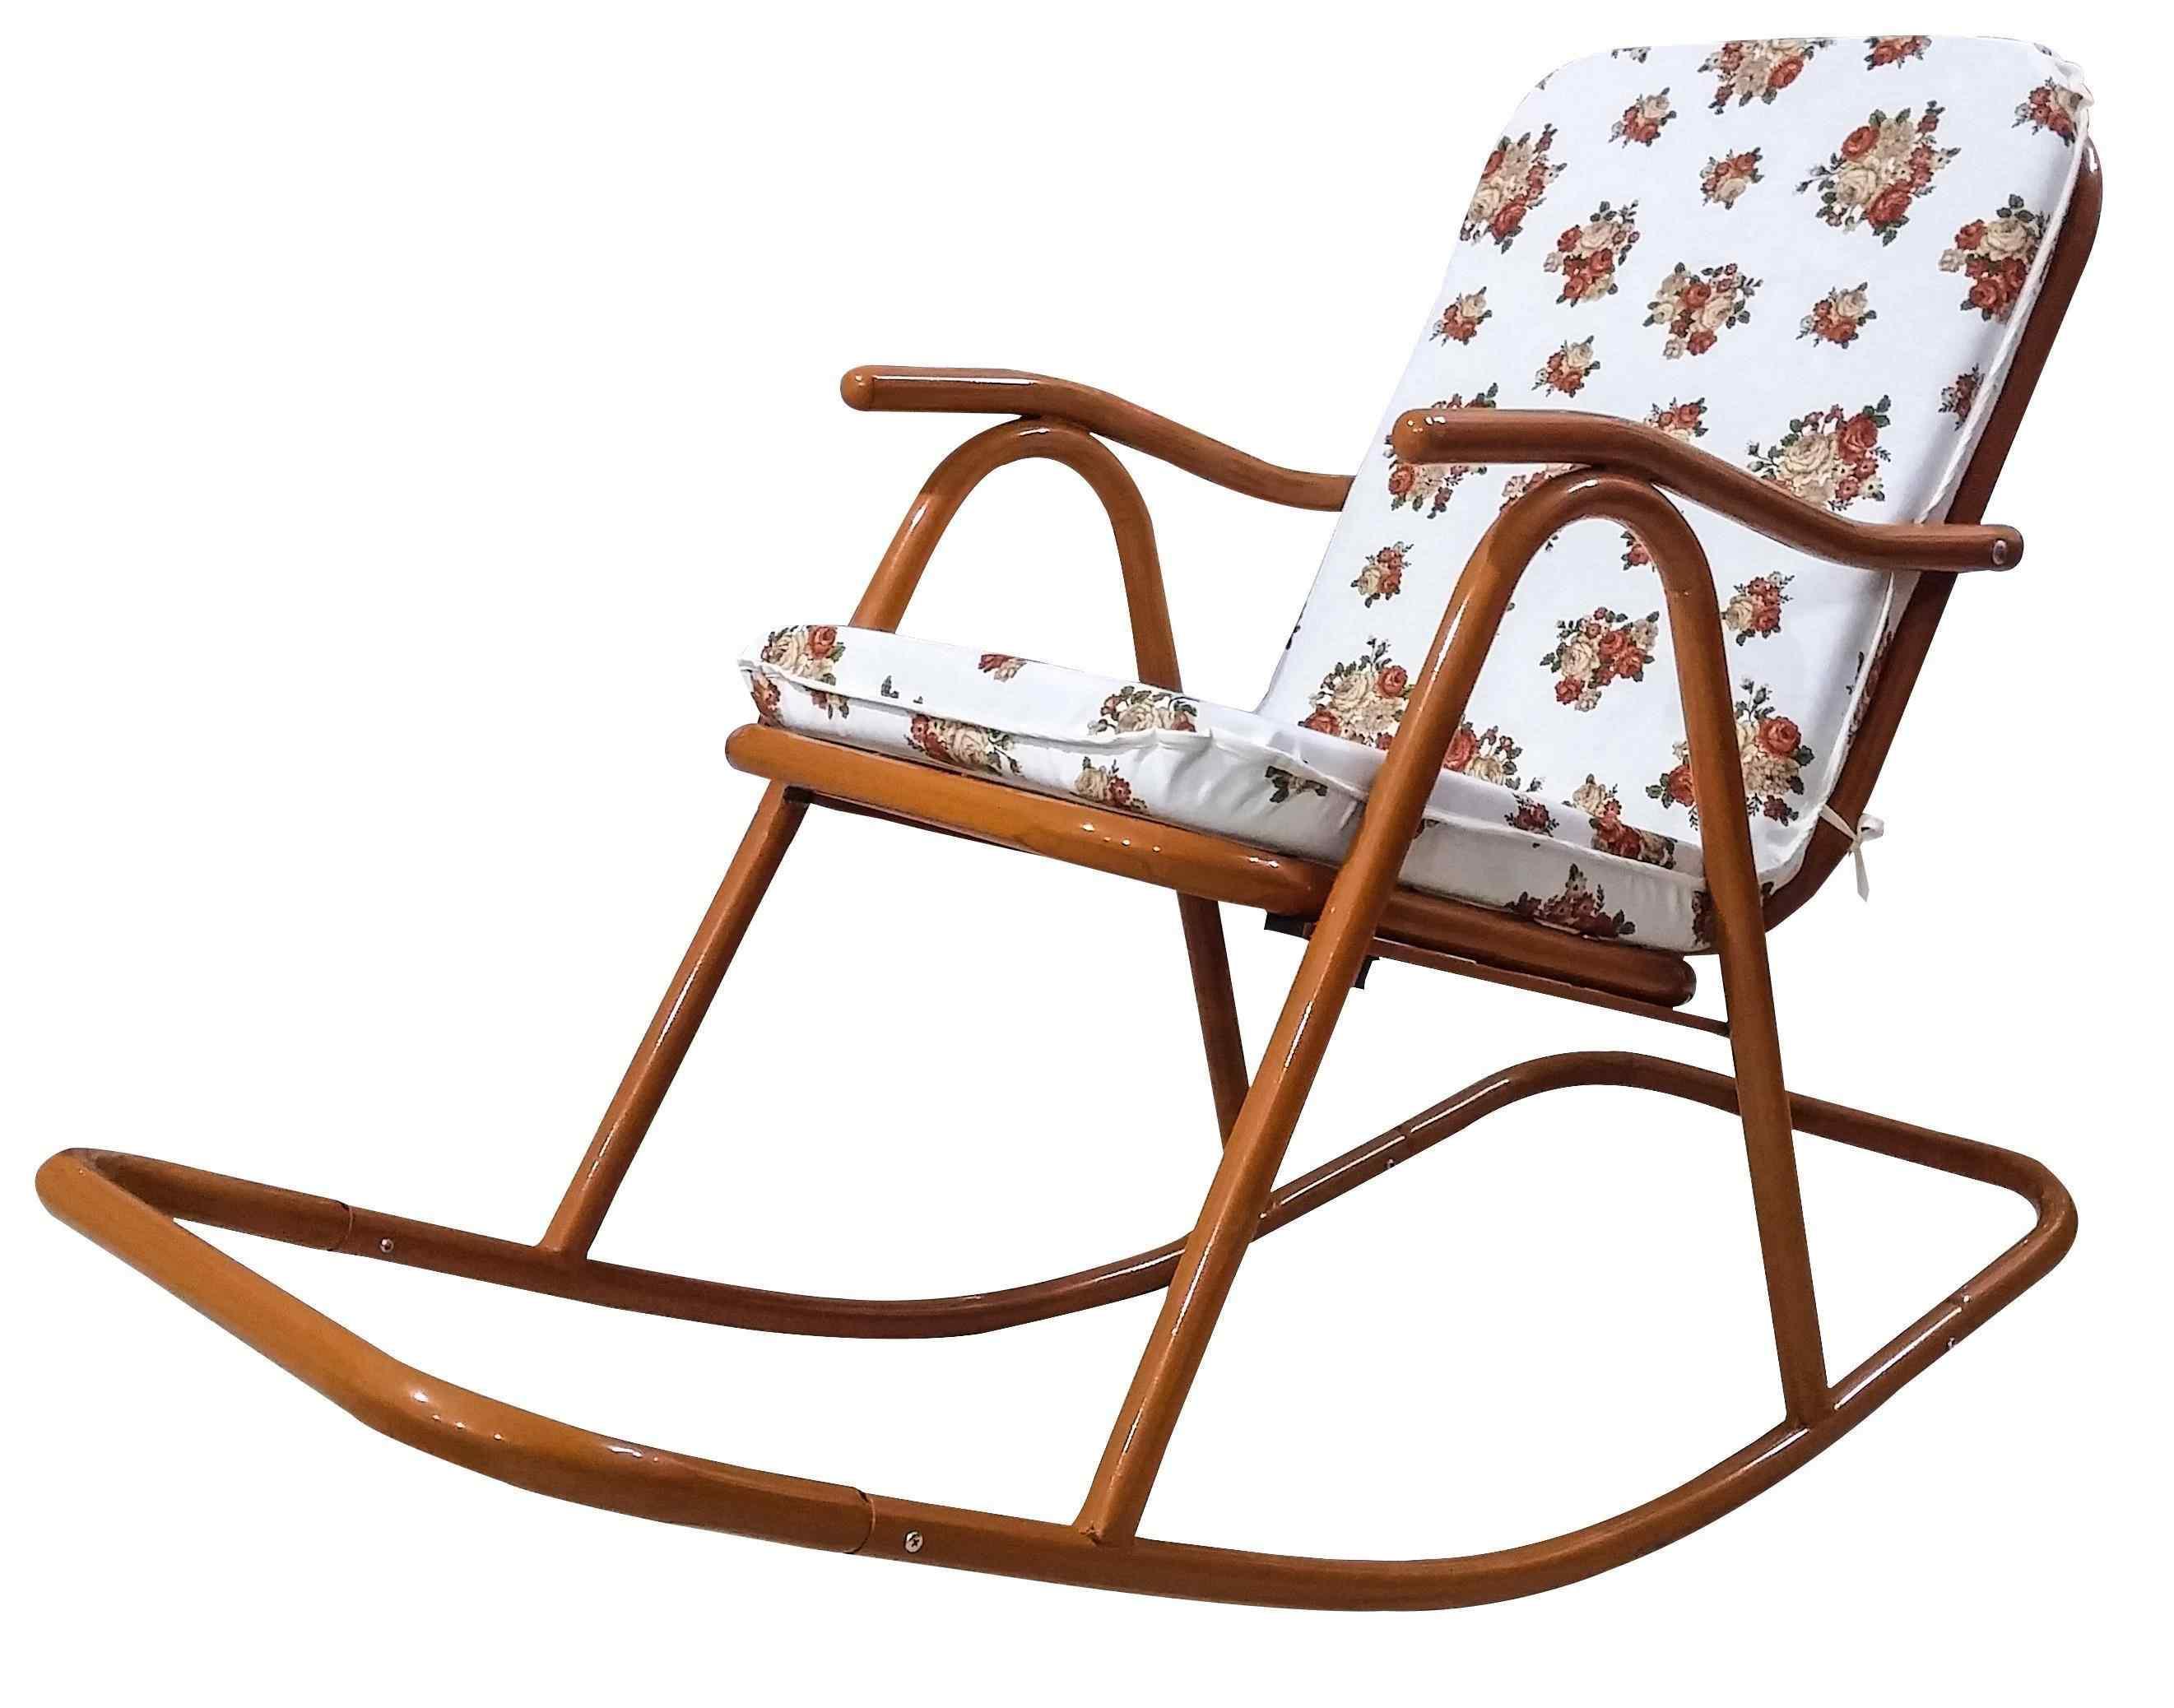 Yekta Alaska Metal Minderli Sallanır Baba Sandalye Bambu P156